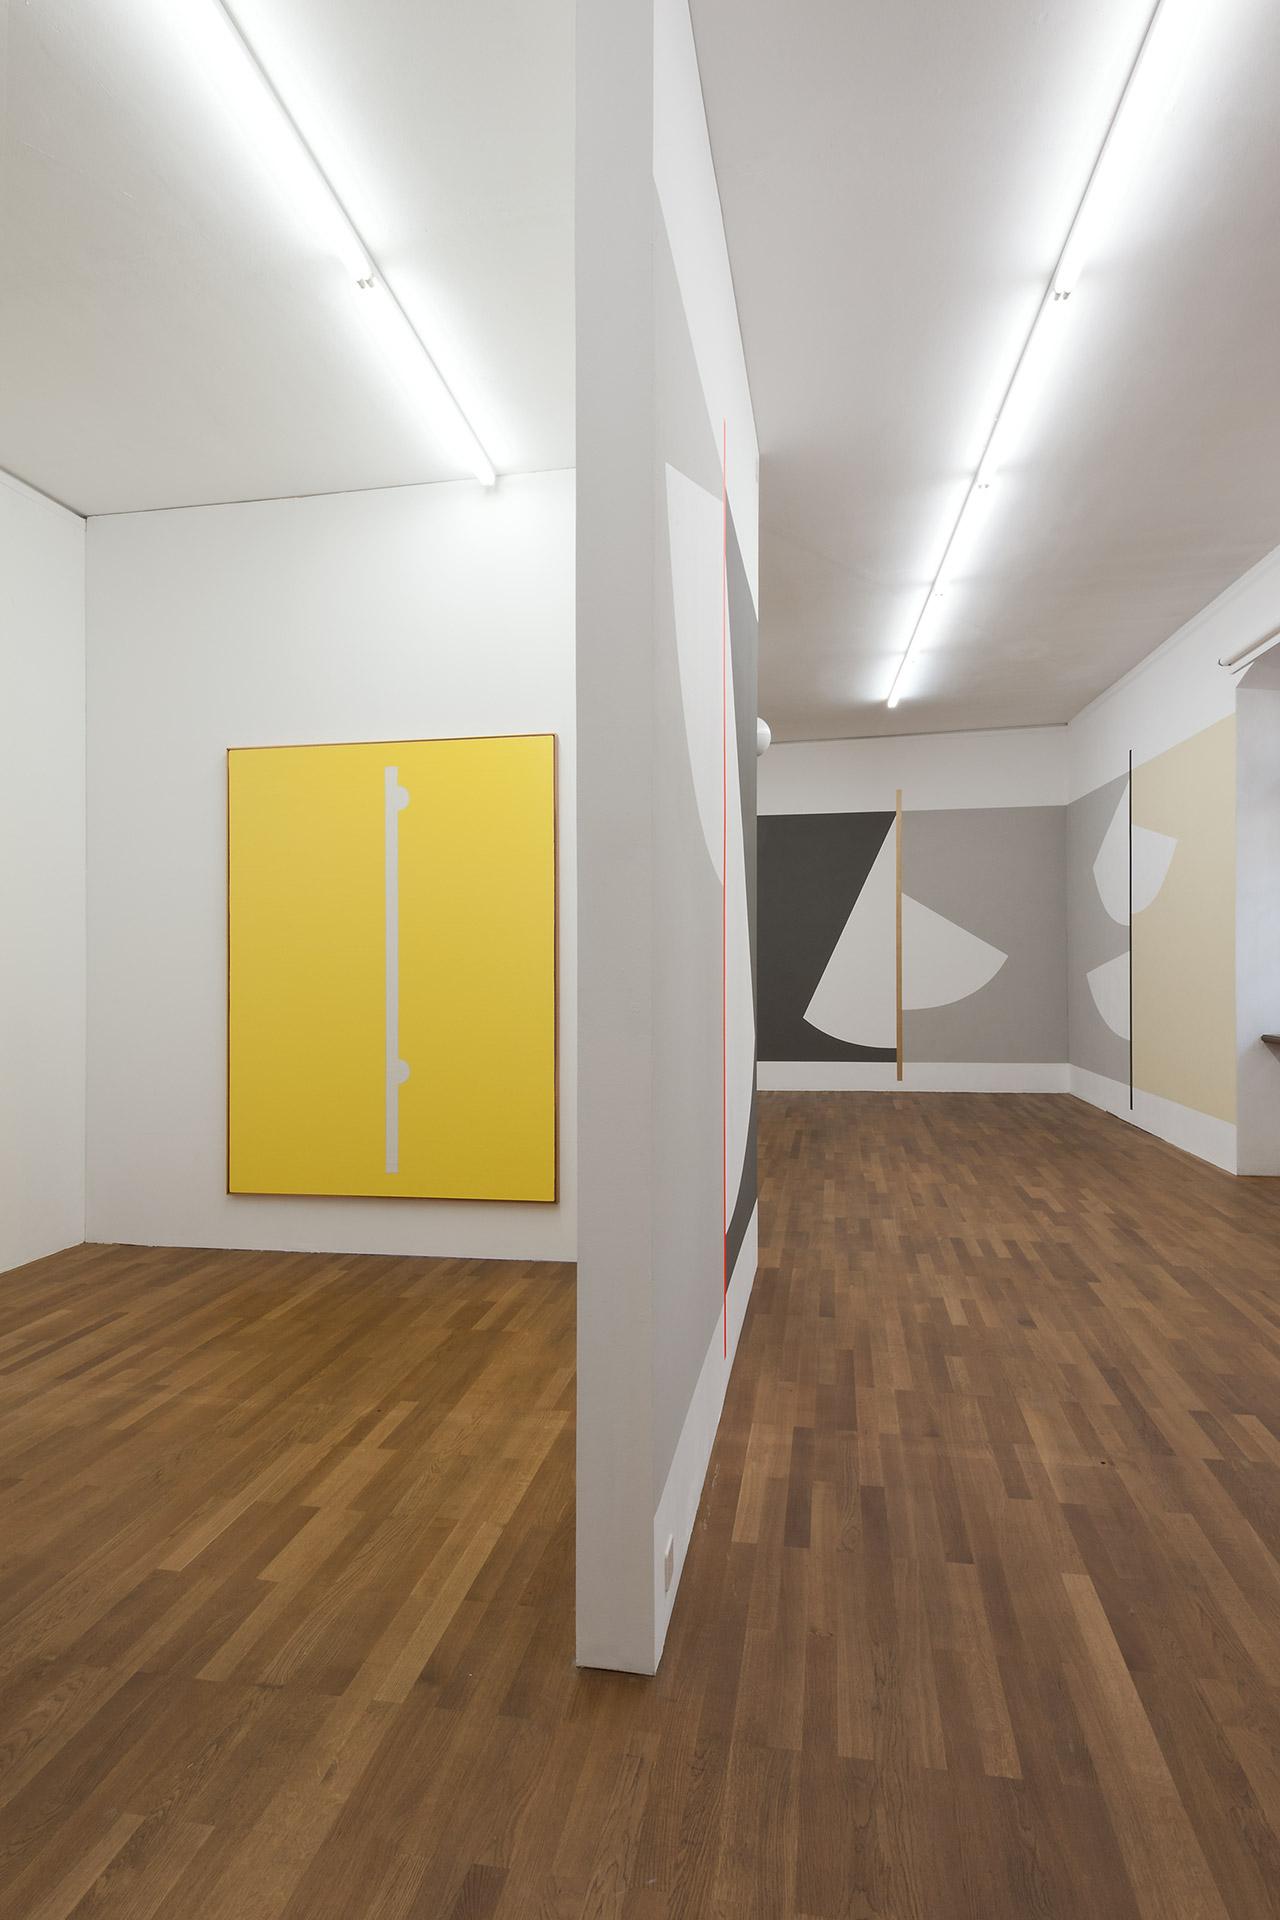 Shaan-Syed-Kunsthalle-Winterthur-2015-4